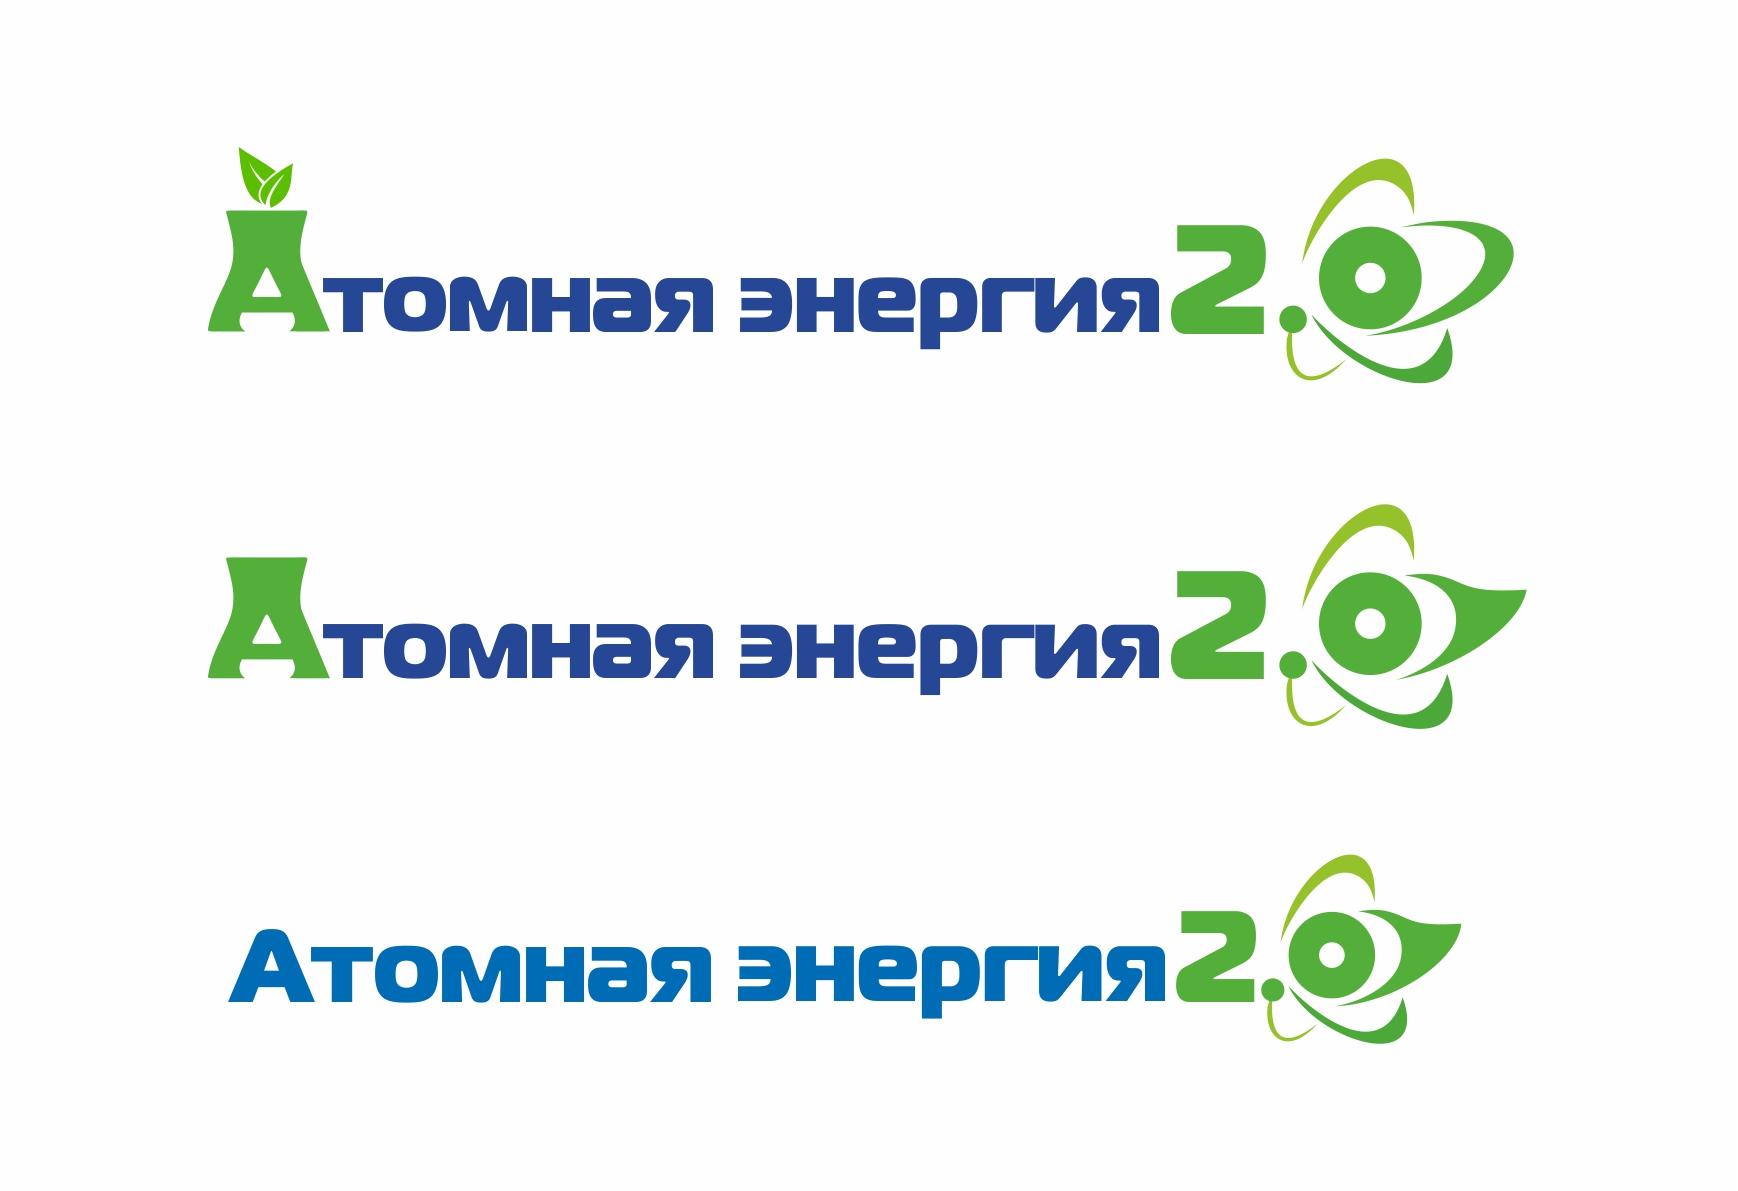 """Фирменный стиль для научного портала """"Атомная энергия 2.0"""" фото f_88259dd9dde3c196.jpg"""